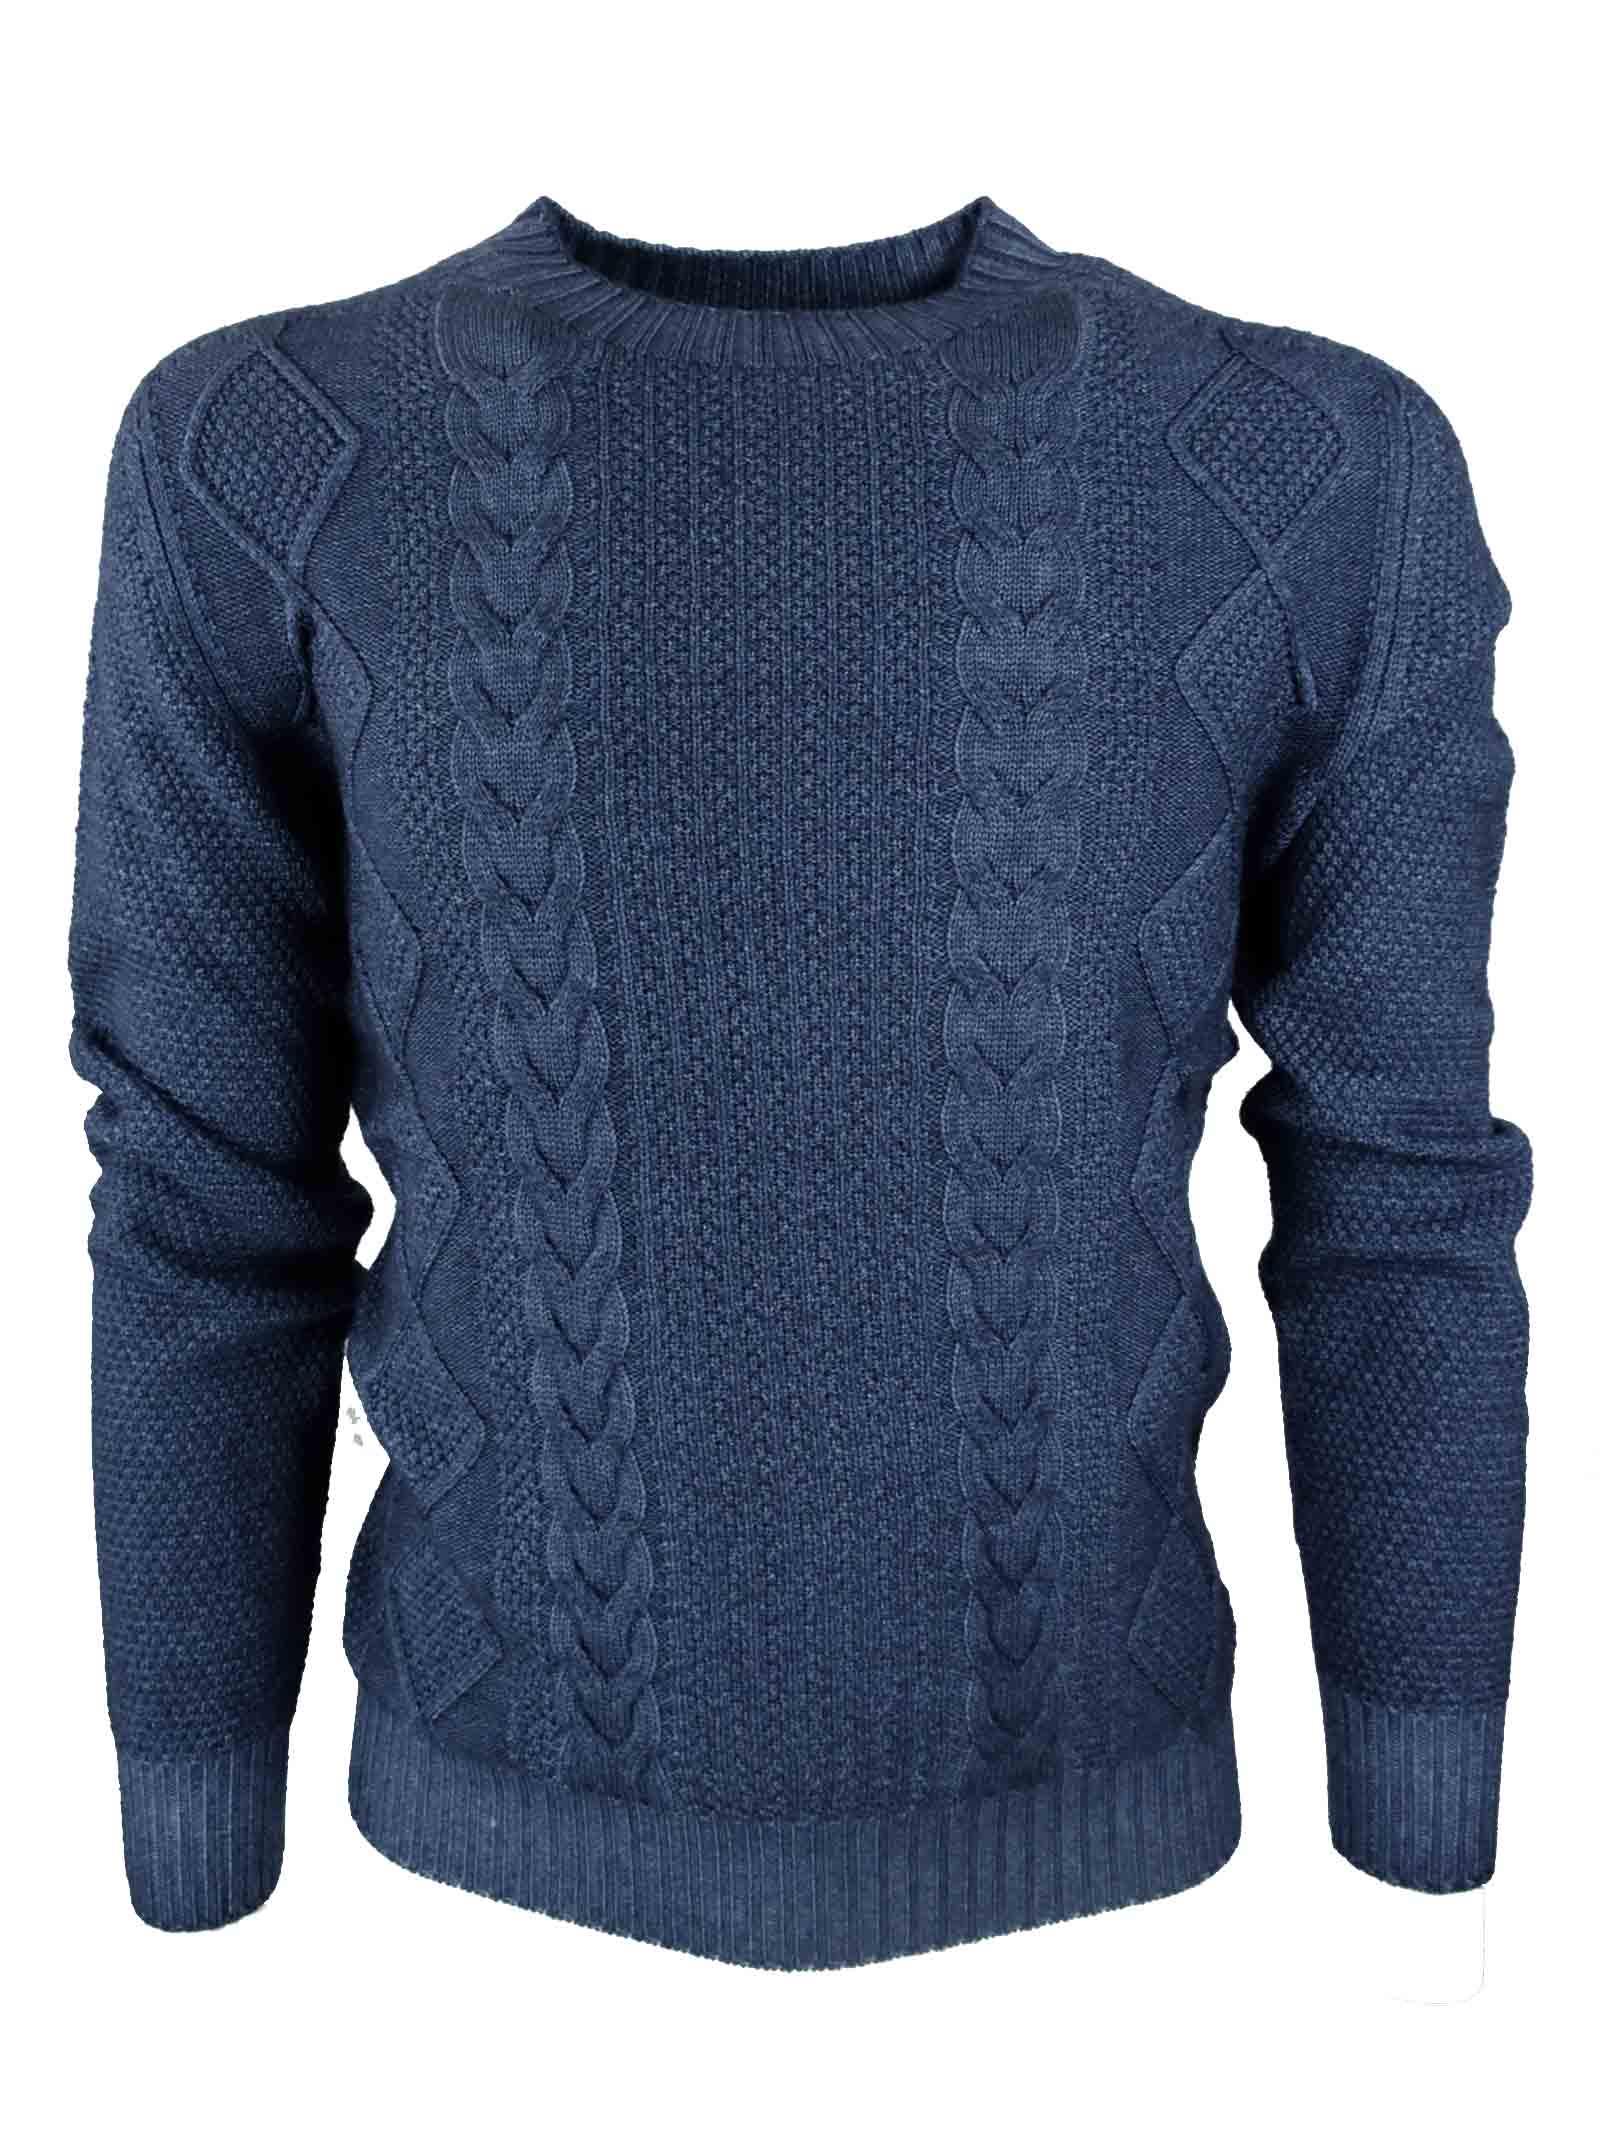 H953 | Knitwear | 295689